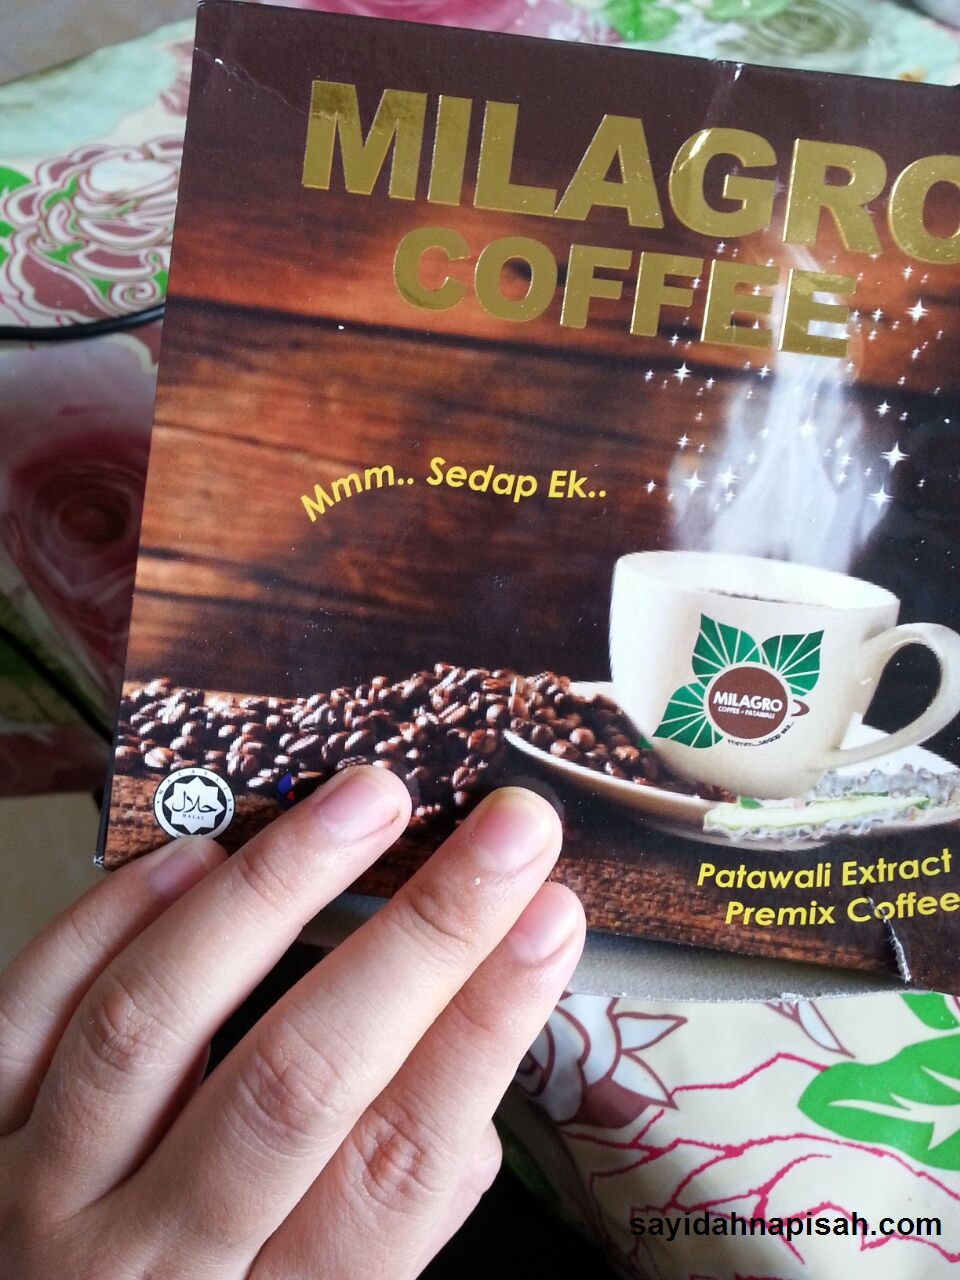 Milagro Coffee Kopi Patawali : Penawar Kencing Manis & Darah Tinggi